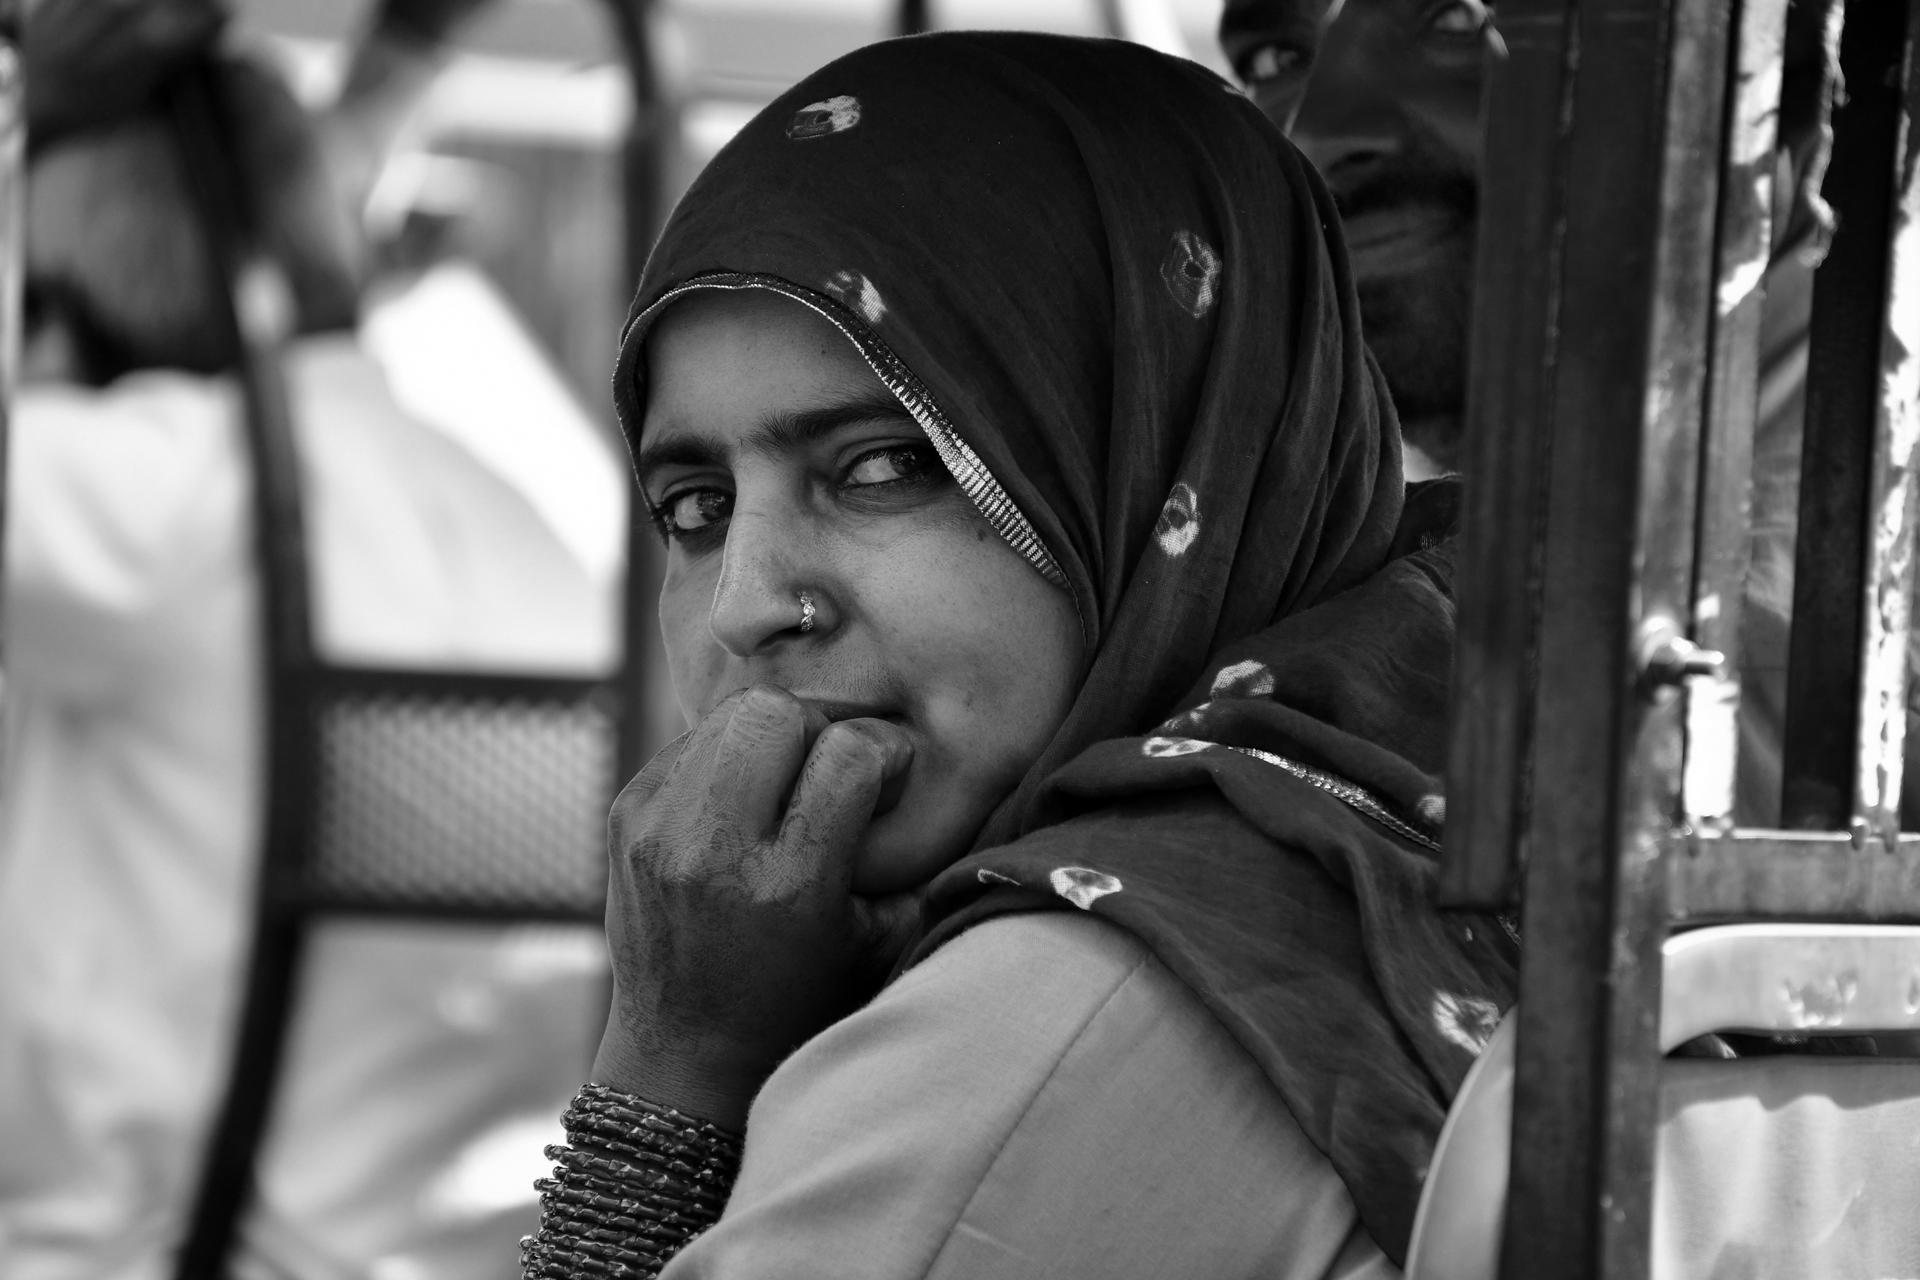 אודייפור - הודו - מבט - עיניים - יואל שתרוג - אדמה יוצרת - yoel sitruk